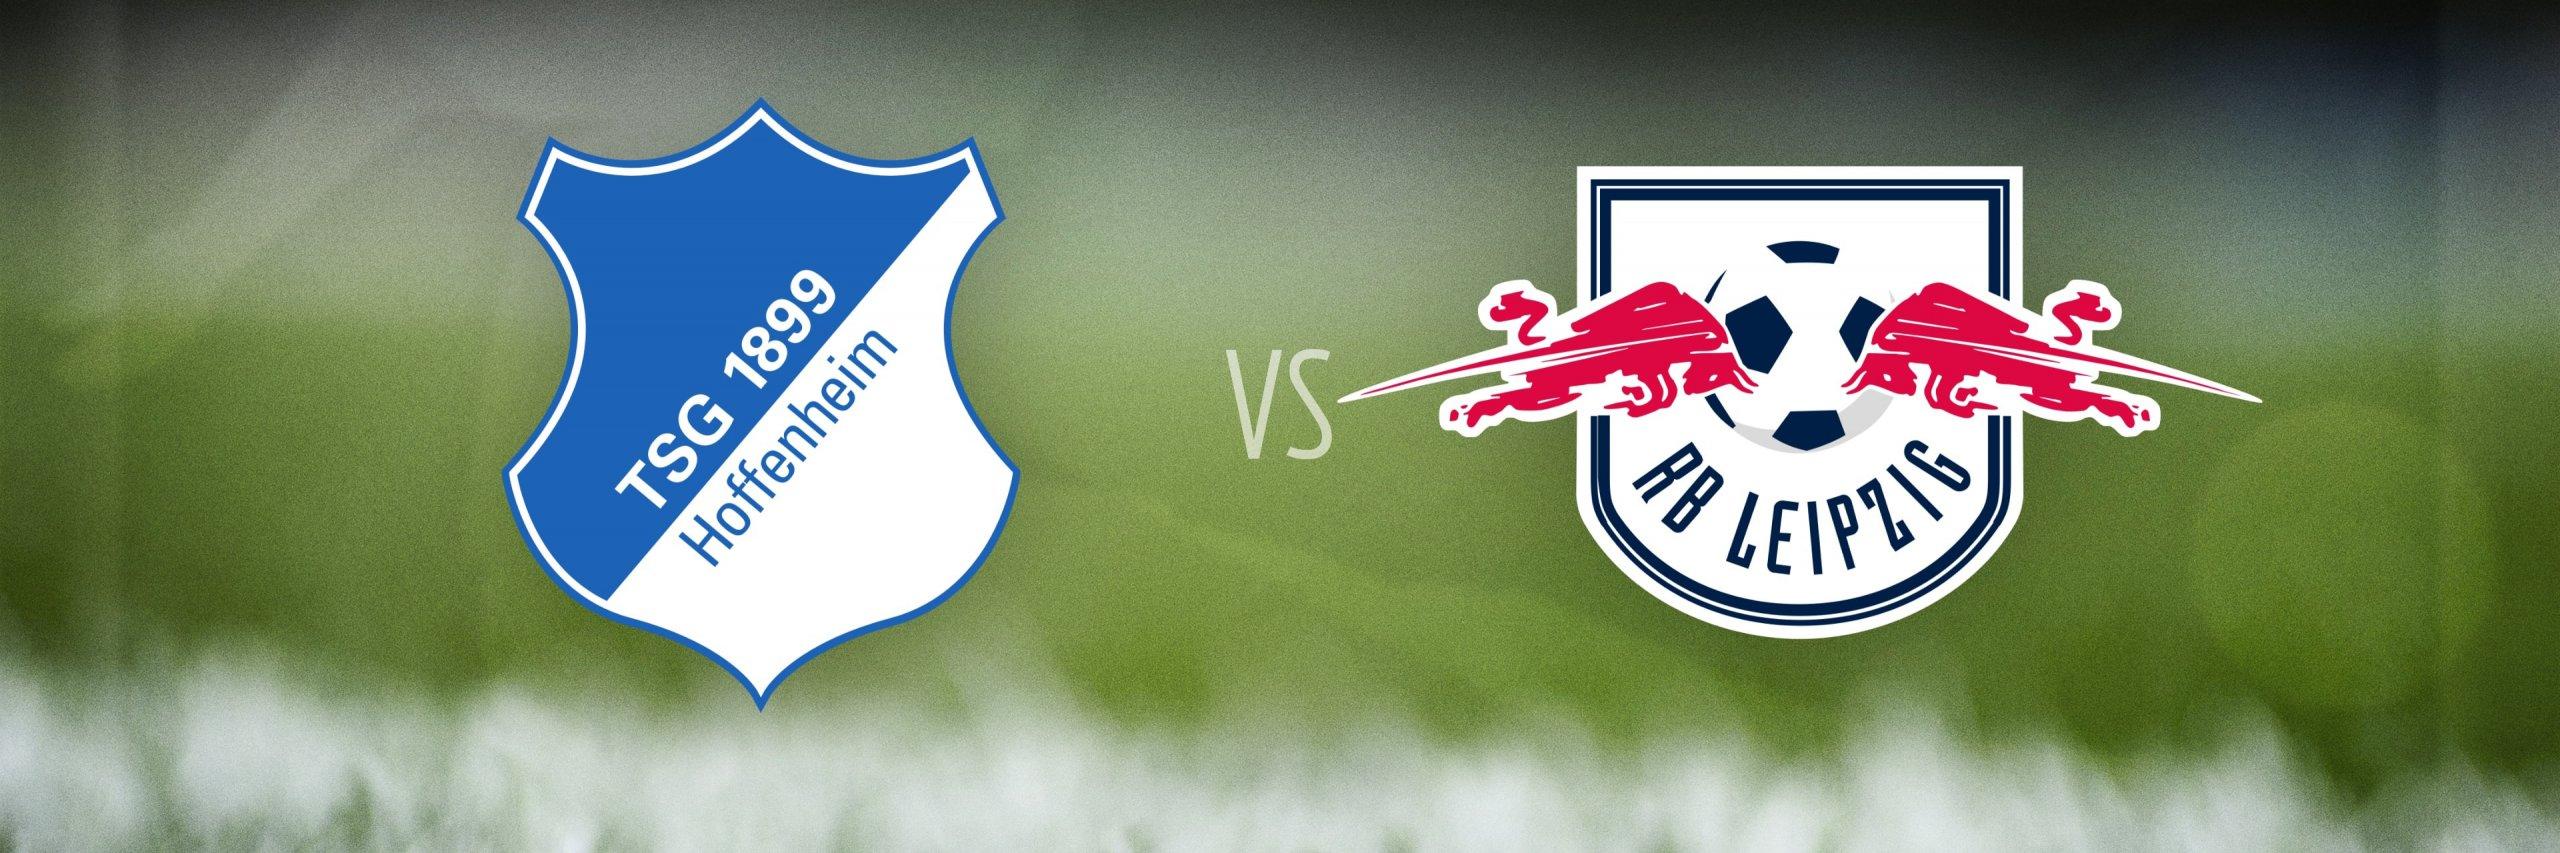 Bundesliga RB Leipzig Game Vs Hoffenheim Matchday 31